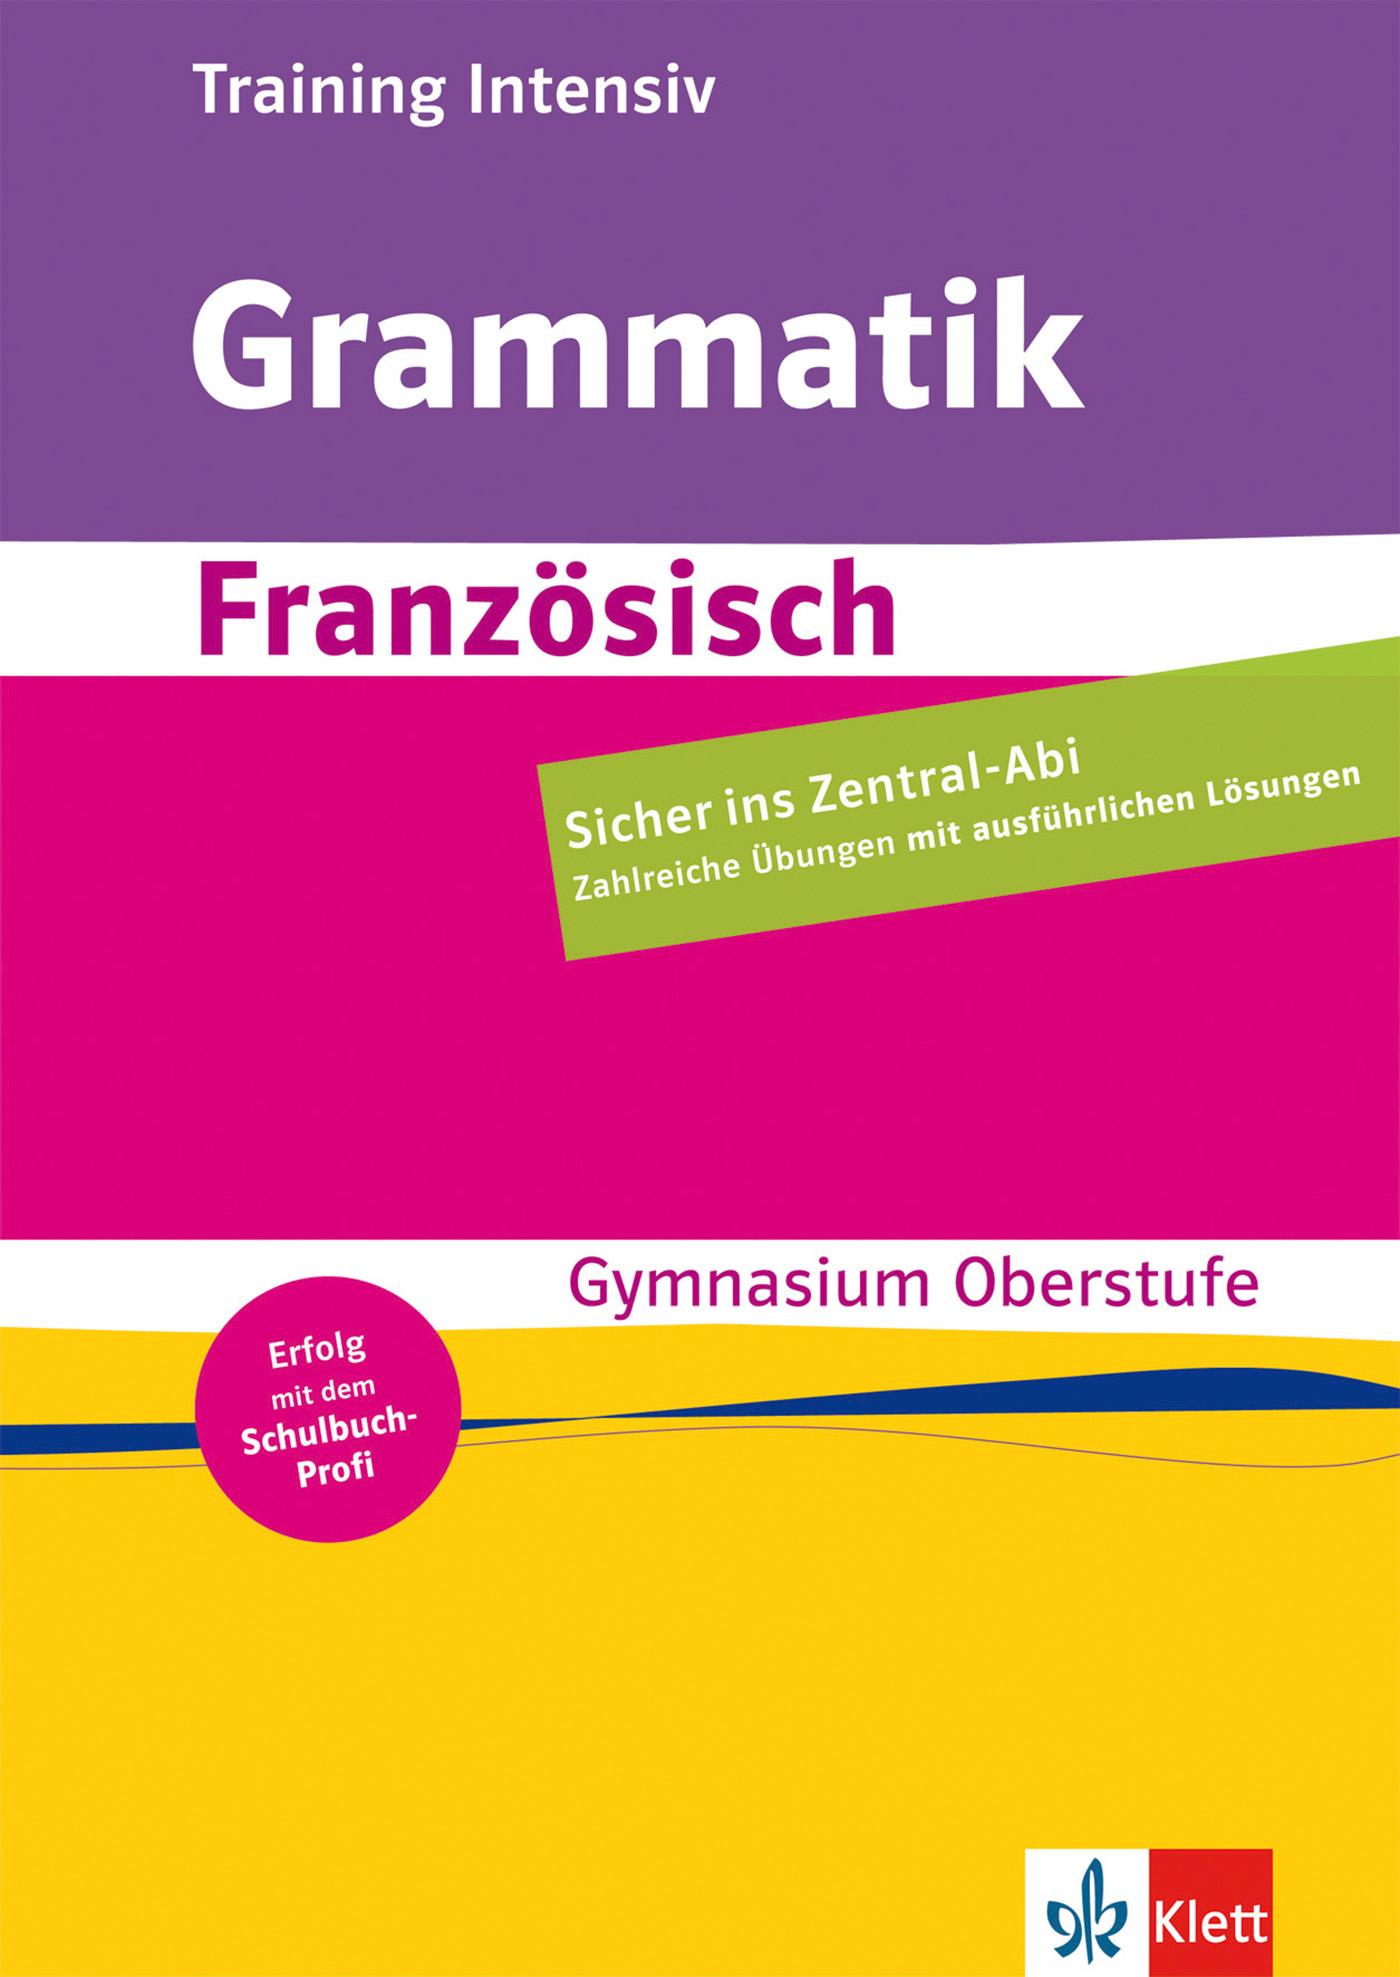 Training Intensiv Französische Grammatik Sekundarstufe II von Karamer-Litwi ...